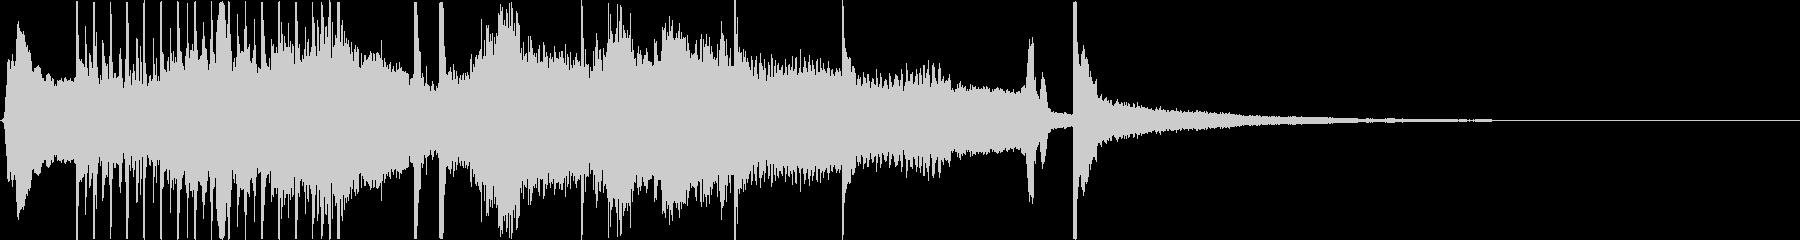 和楽器を使用したジングルの未再生の波形